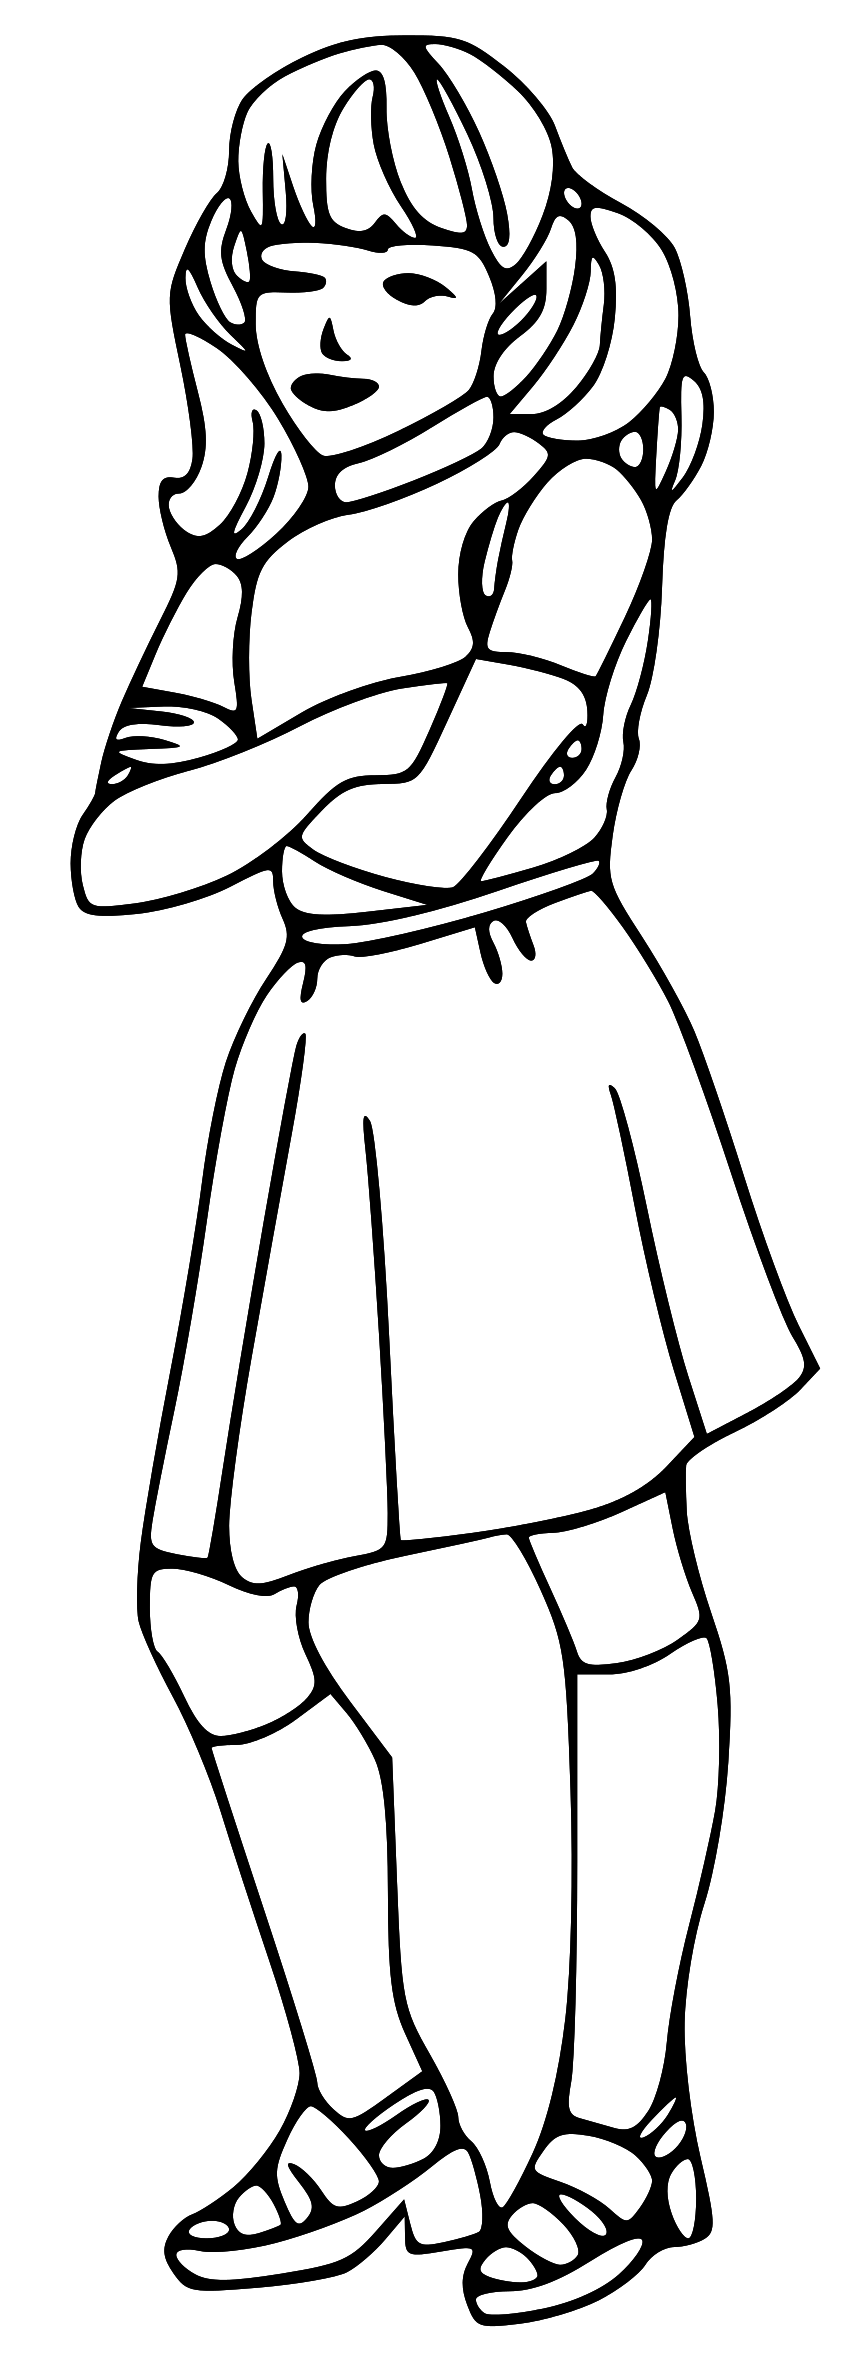 846x2362 Girl Black And White Clip Art